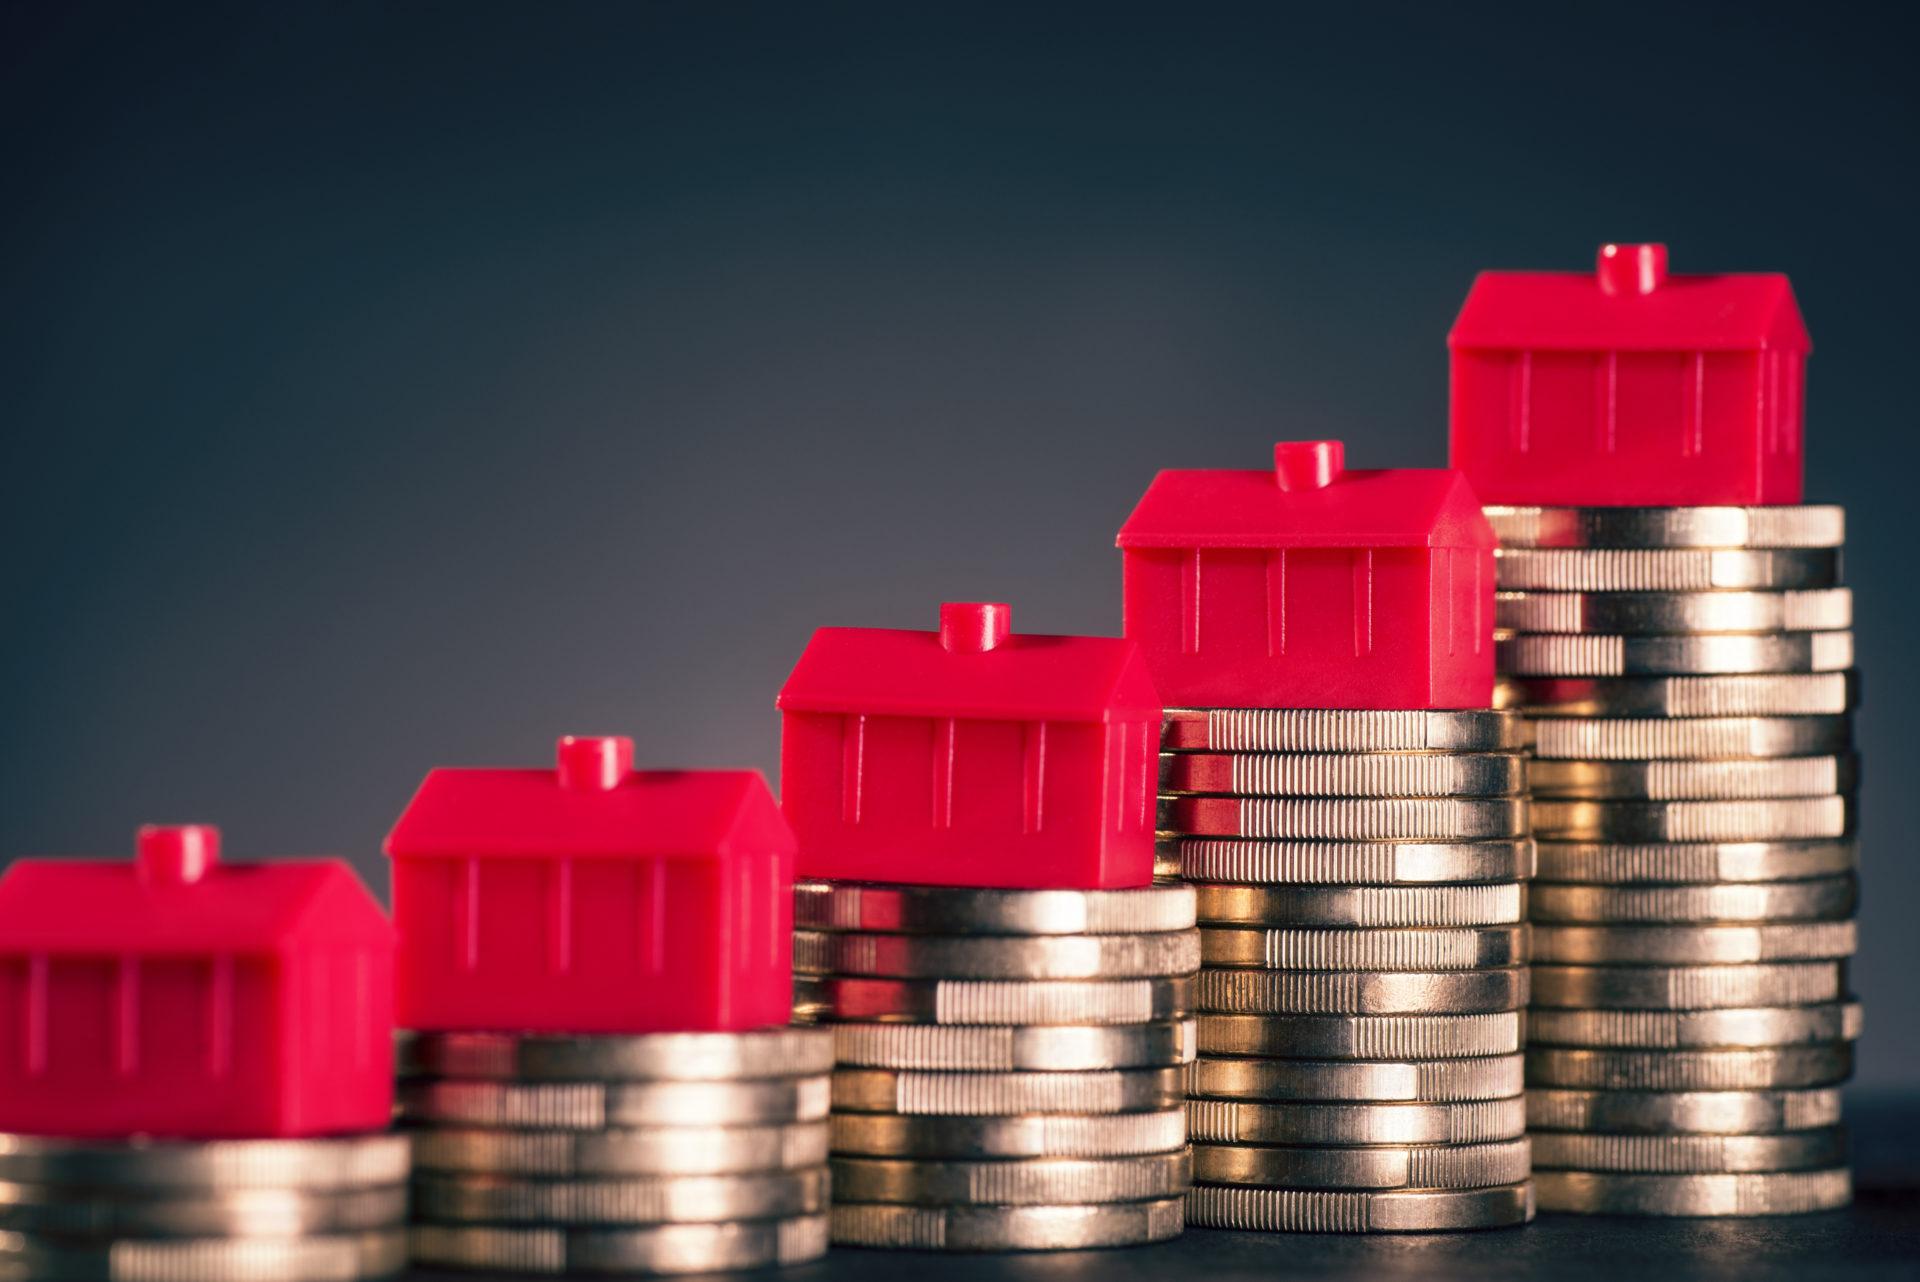 Les petites maisons rouges se tiennent sur des piles avec des pièces de monnaie.